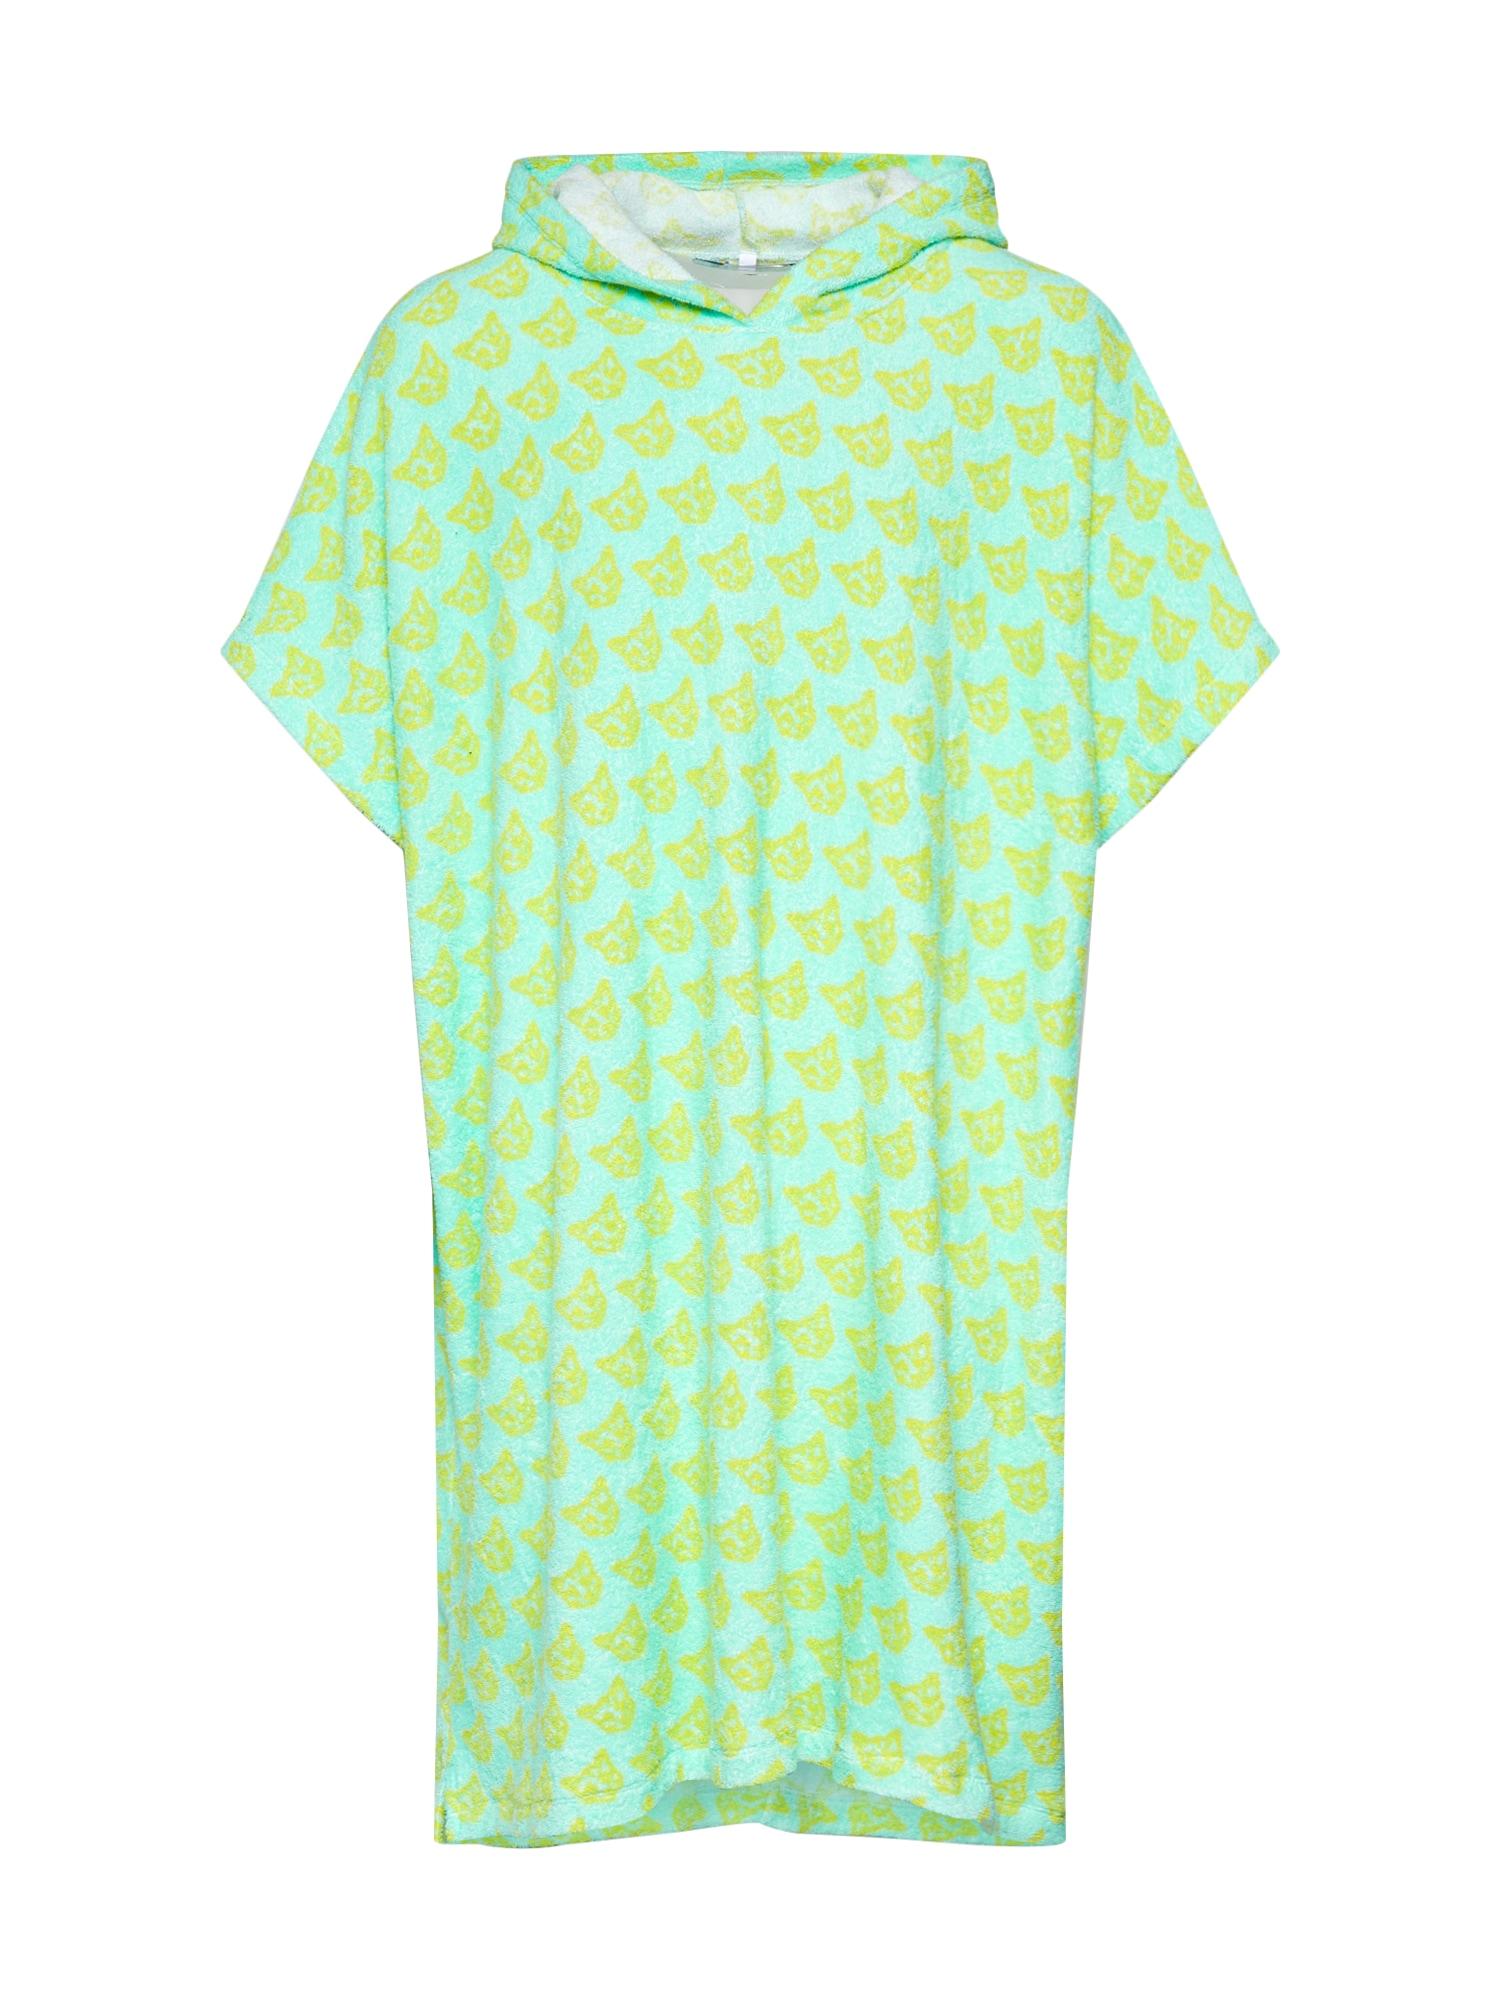 ABOUT YOU X PARI Trumpas maudymosi chalatas 'Phil' turkio spalva / neoninė žalia